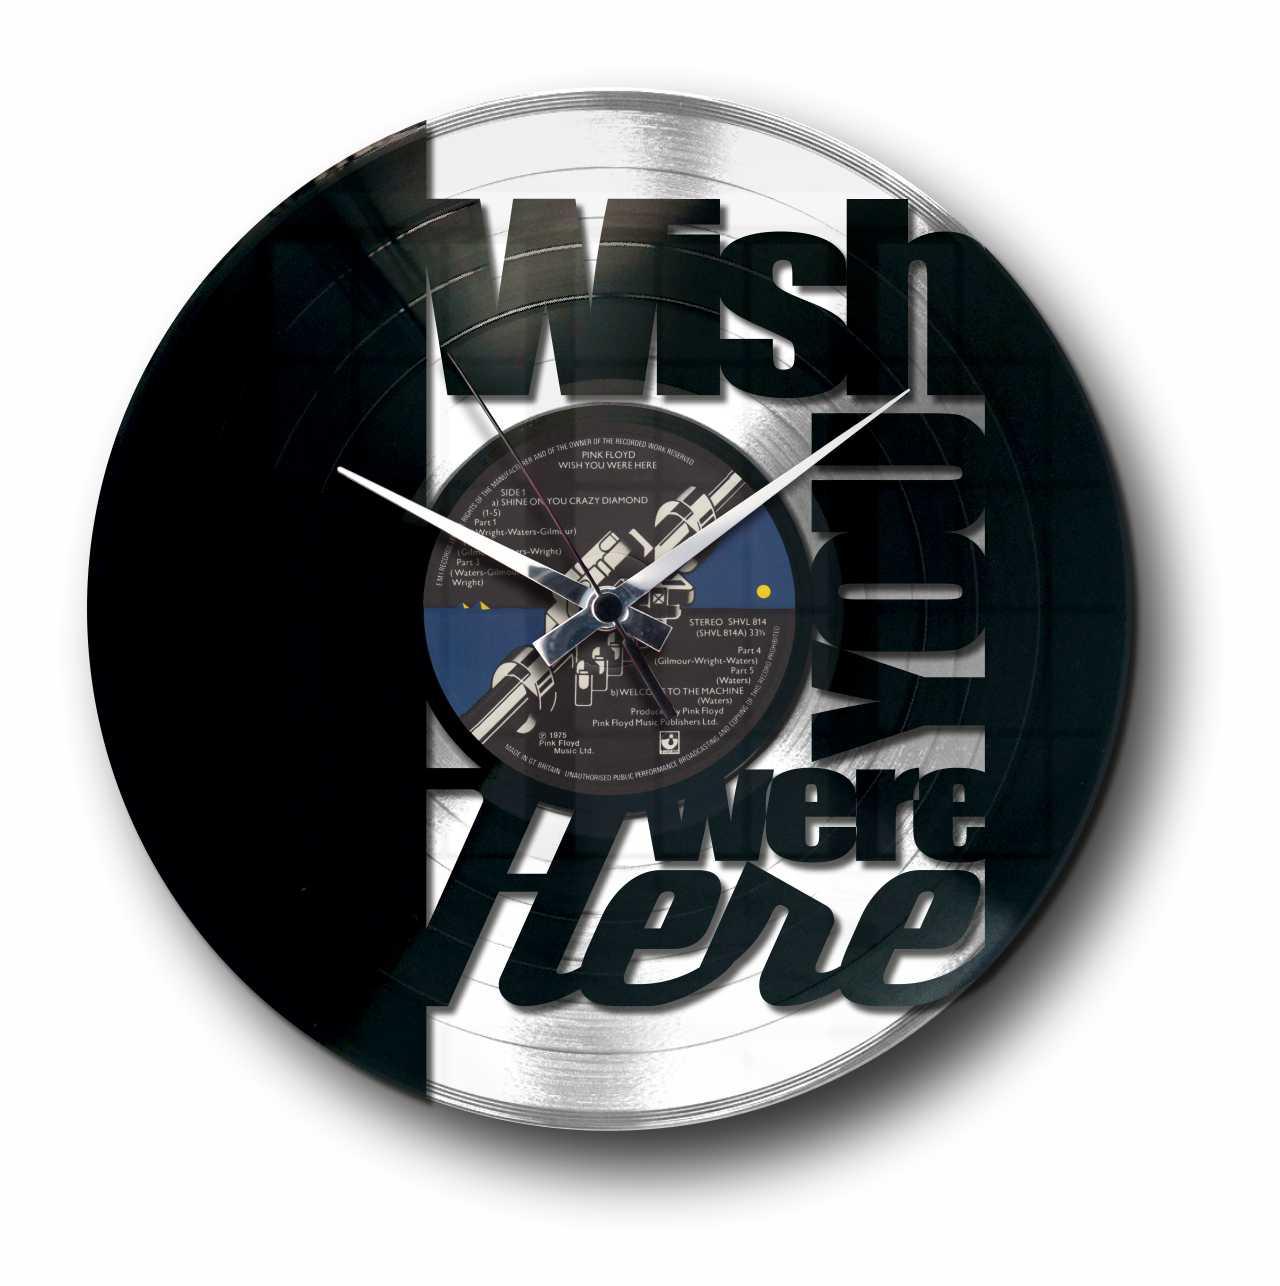 miglior servizio 857ae d186e WISH YOU WERE - GOLD or SILVER VINYL RECORD WALL CLOCK